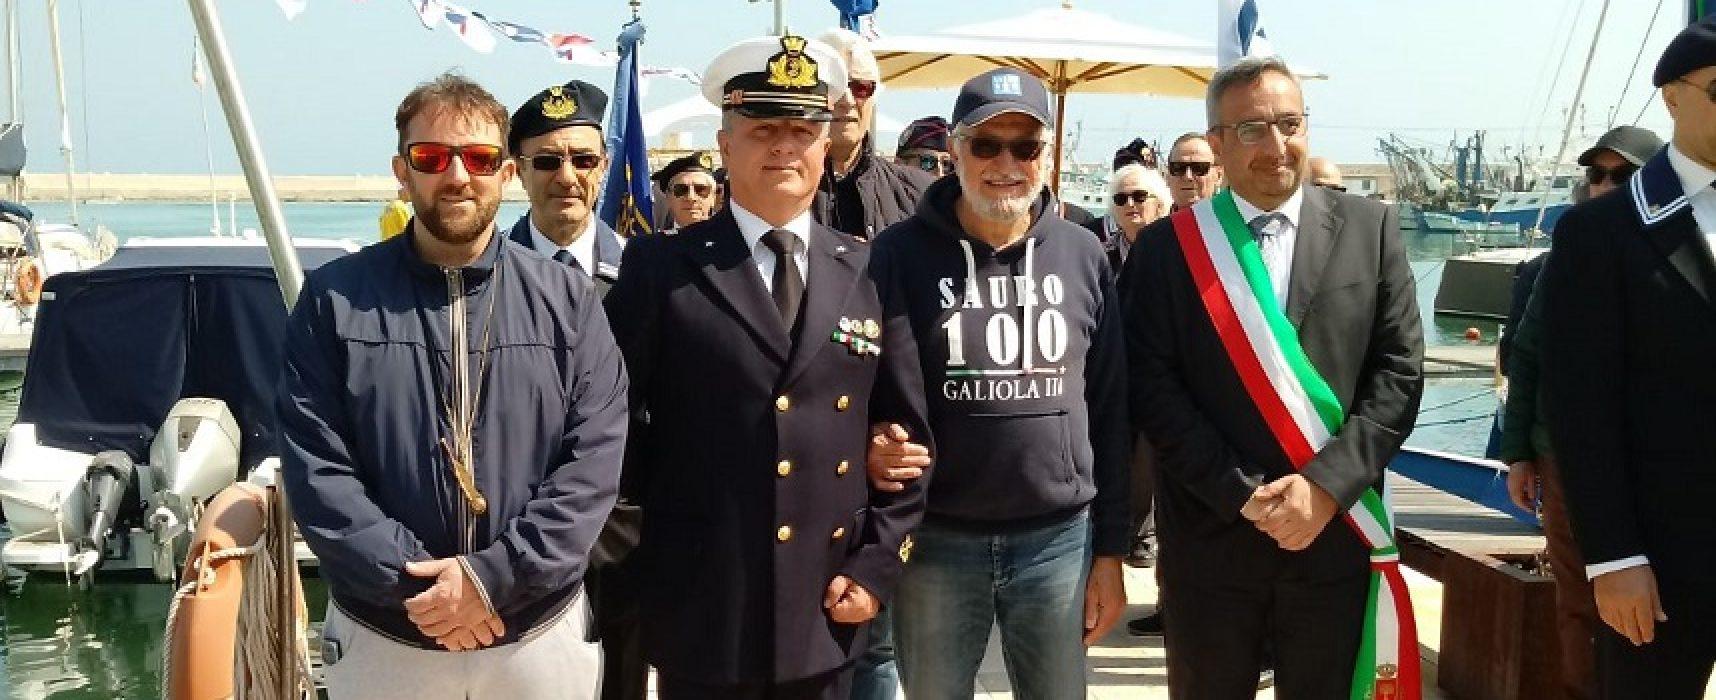 L'ammiraglio Romano Sauro a Bisceglie per ricordare suo nonno Nazario / FOTO